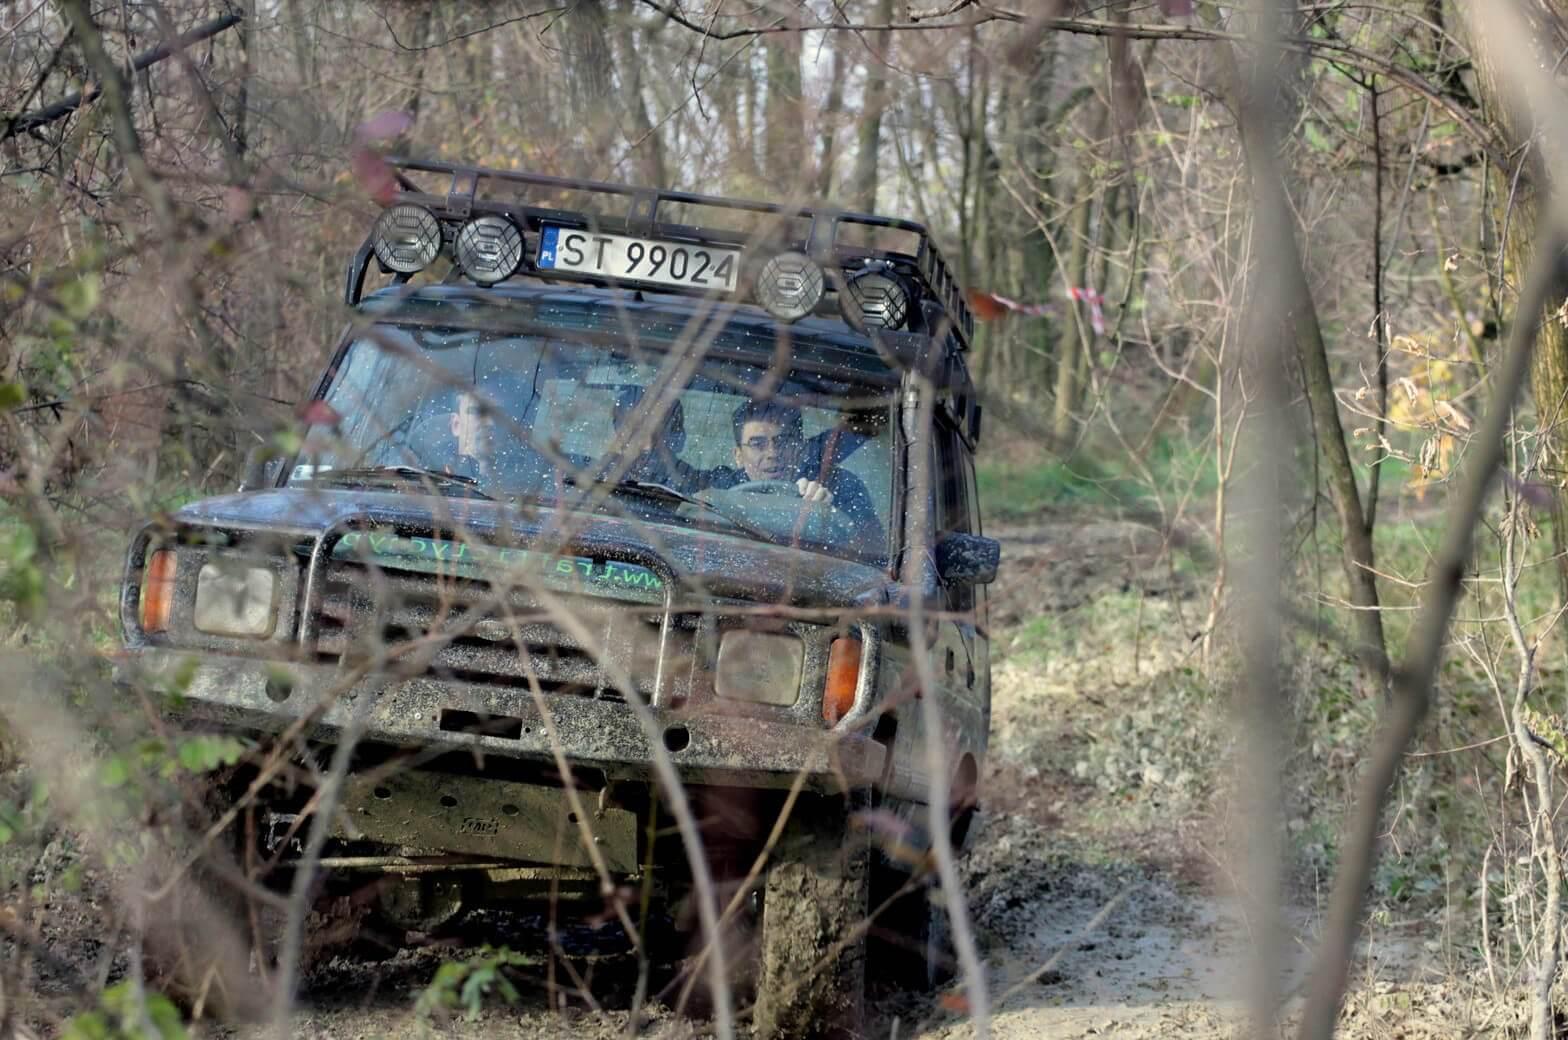 Bezdroża - jazda off-road